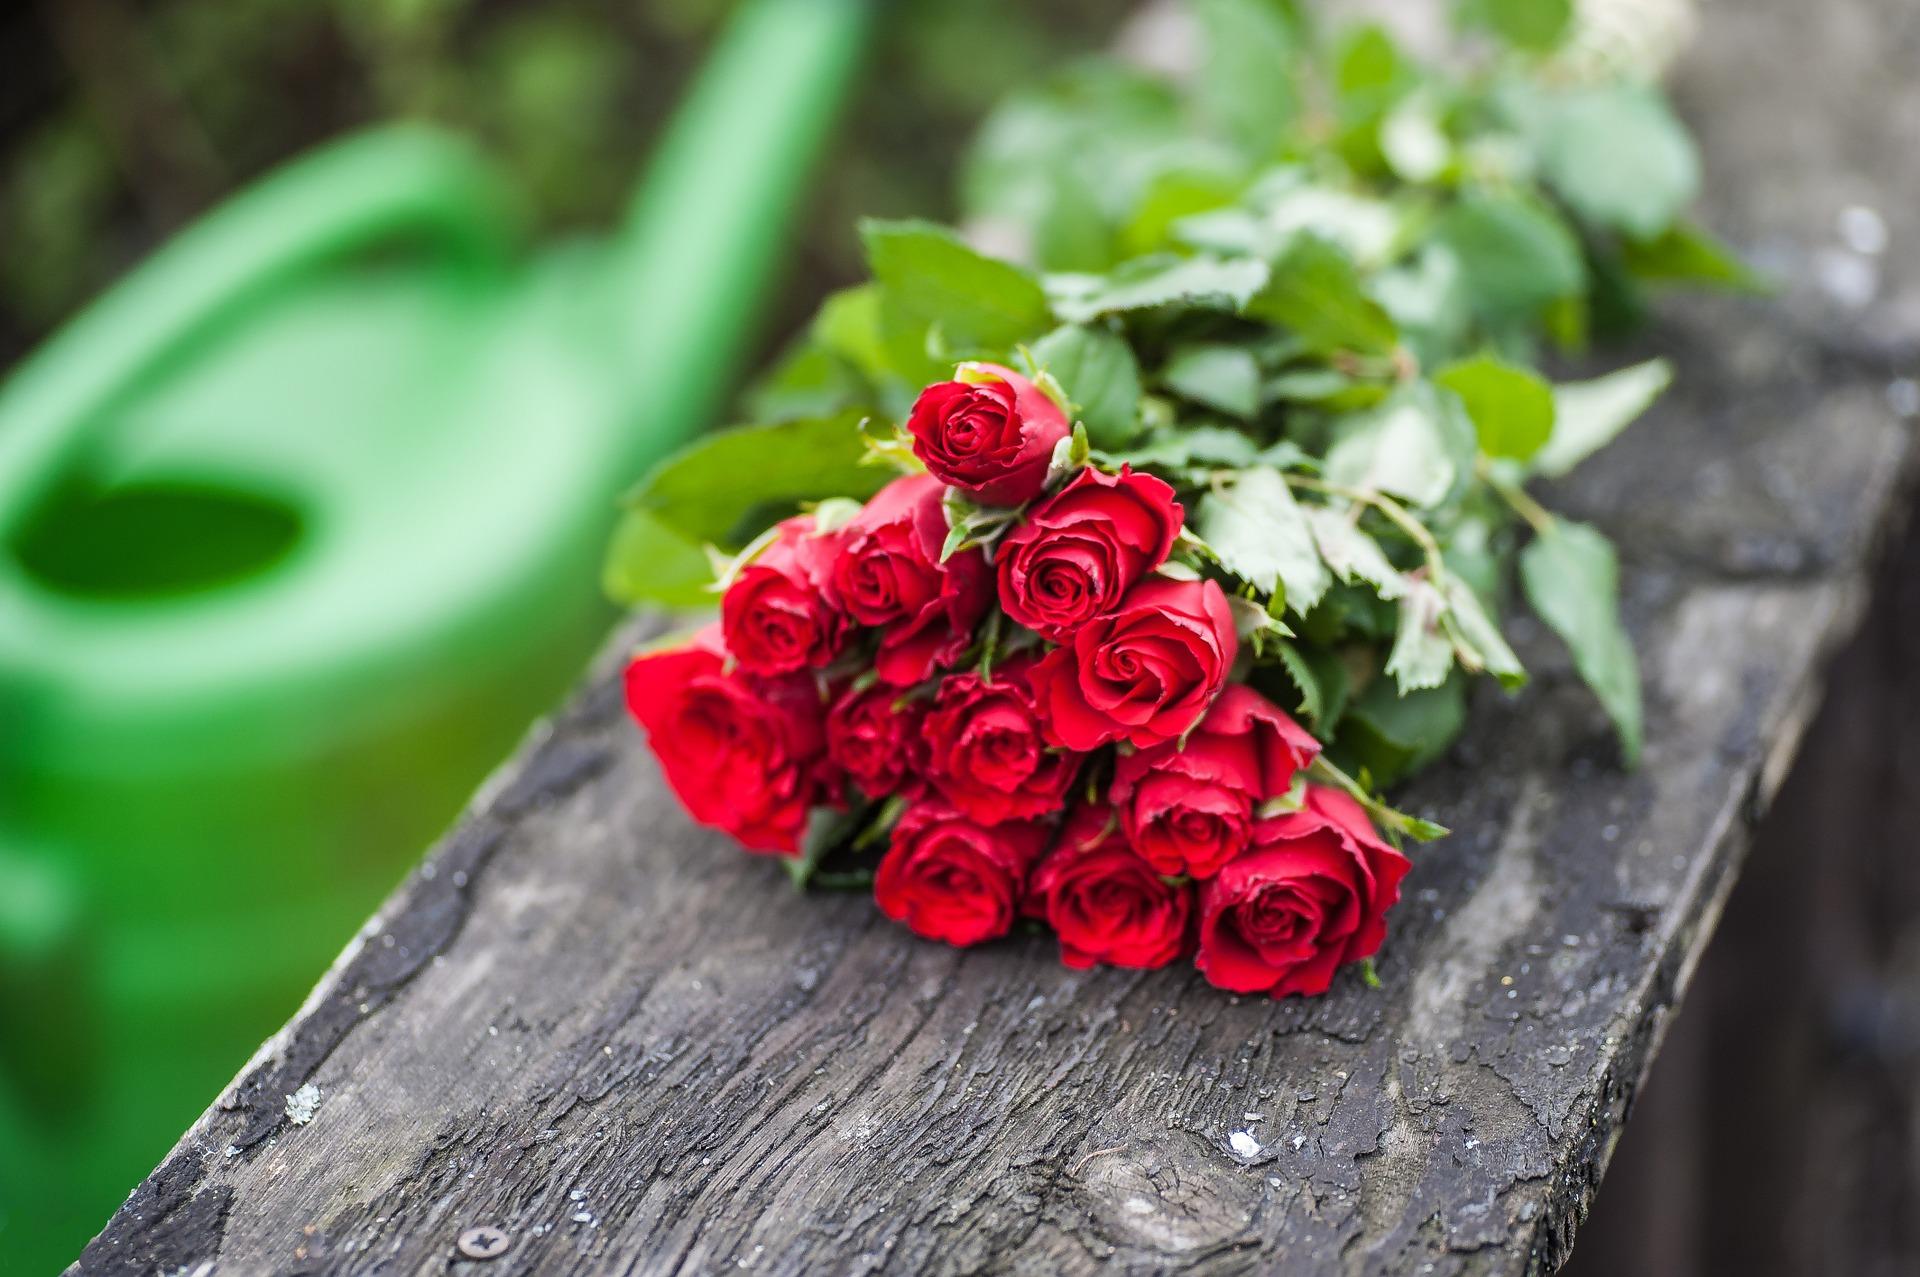 بالصور بوكيه ورد احمر , اجمل صور لبوكيهات الورد باللون الاحمر 4431 4